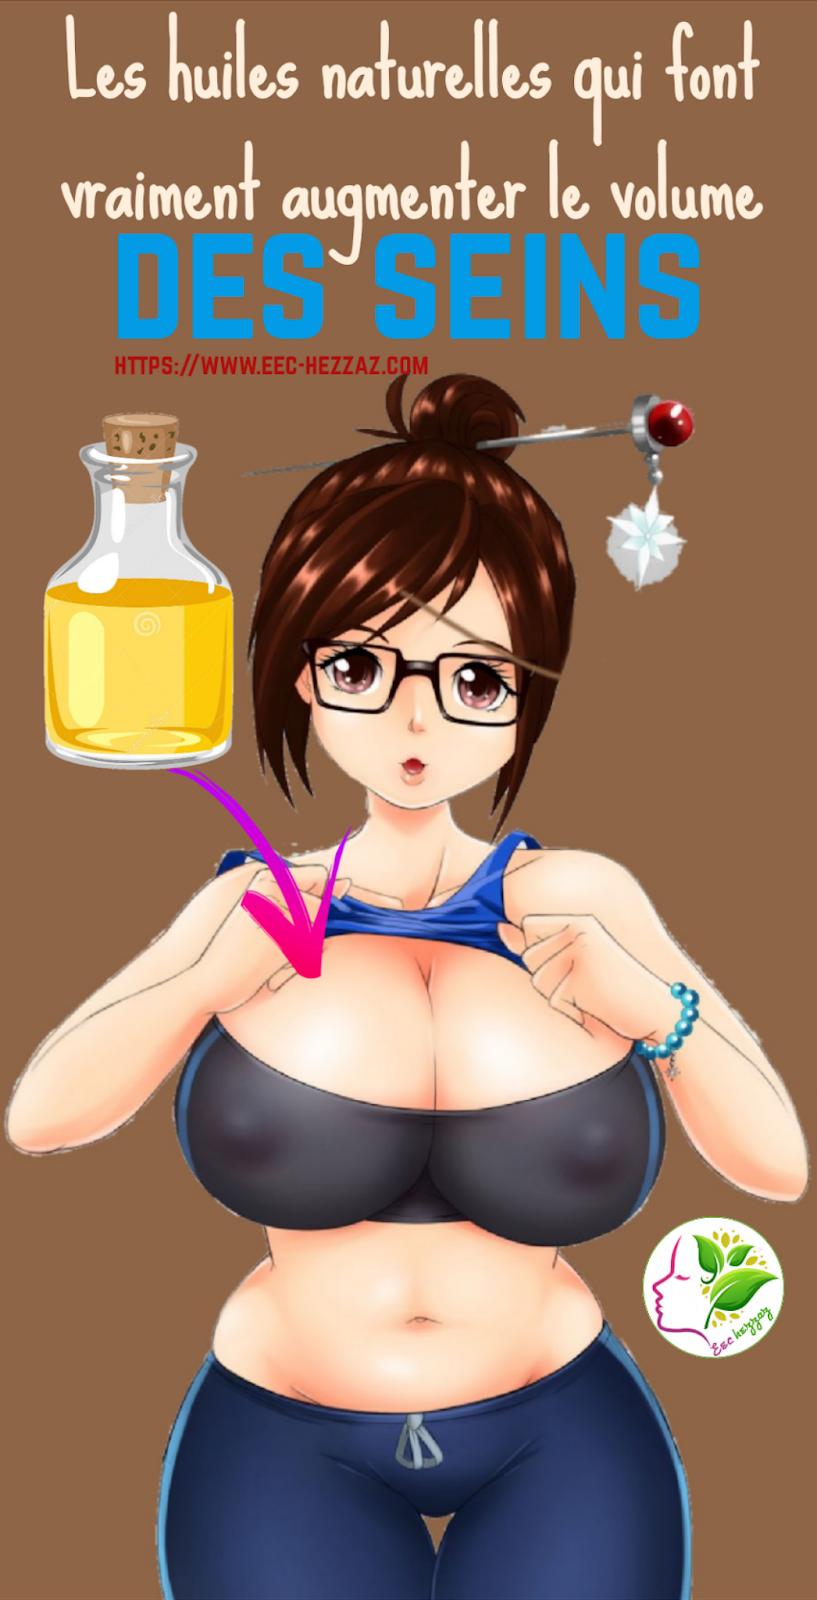 Les huiles naturelles qui font vraiment augmenter le volume des seins